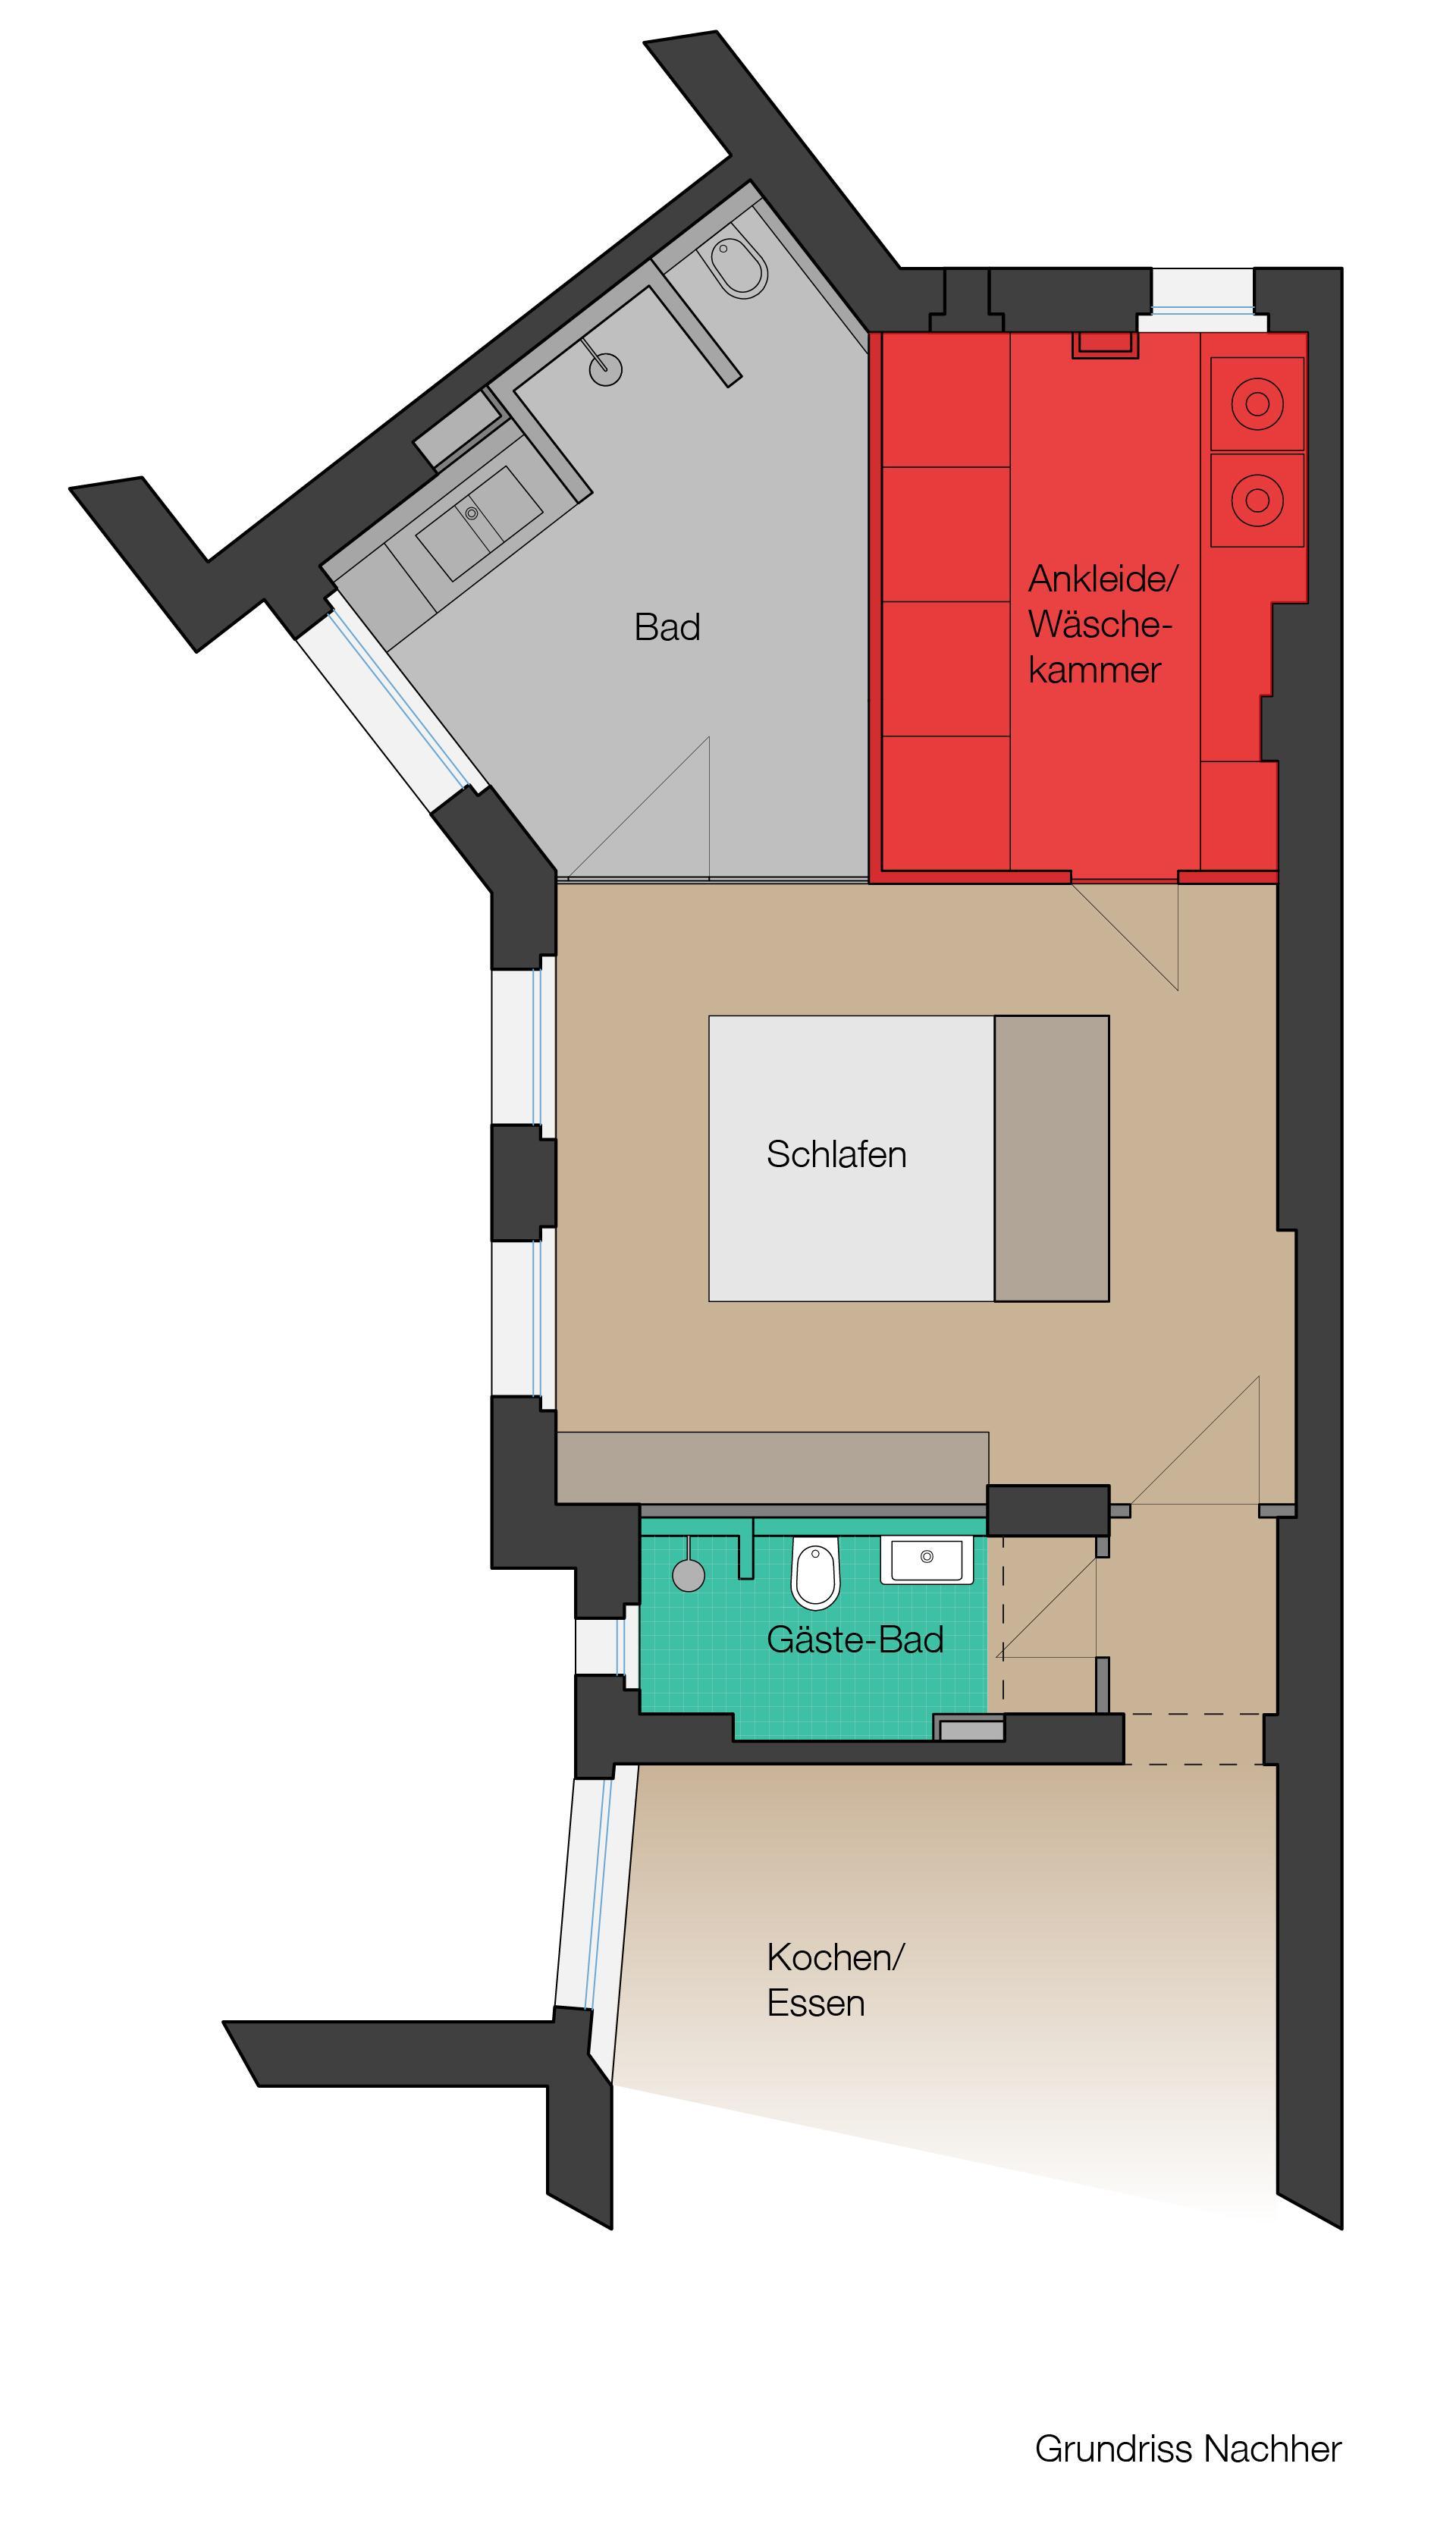 Grundriss Neu #offenesbadezimmer #ankleidezimmer ©MEYLENSTEIN